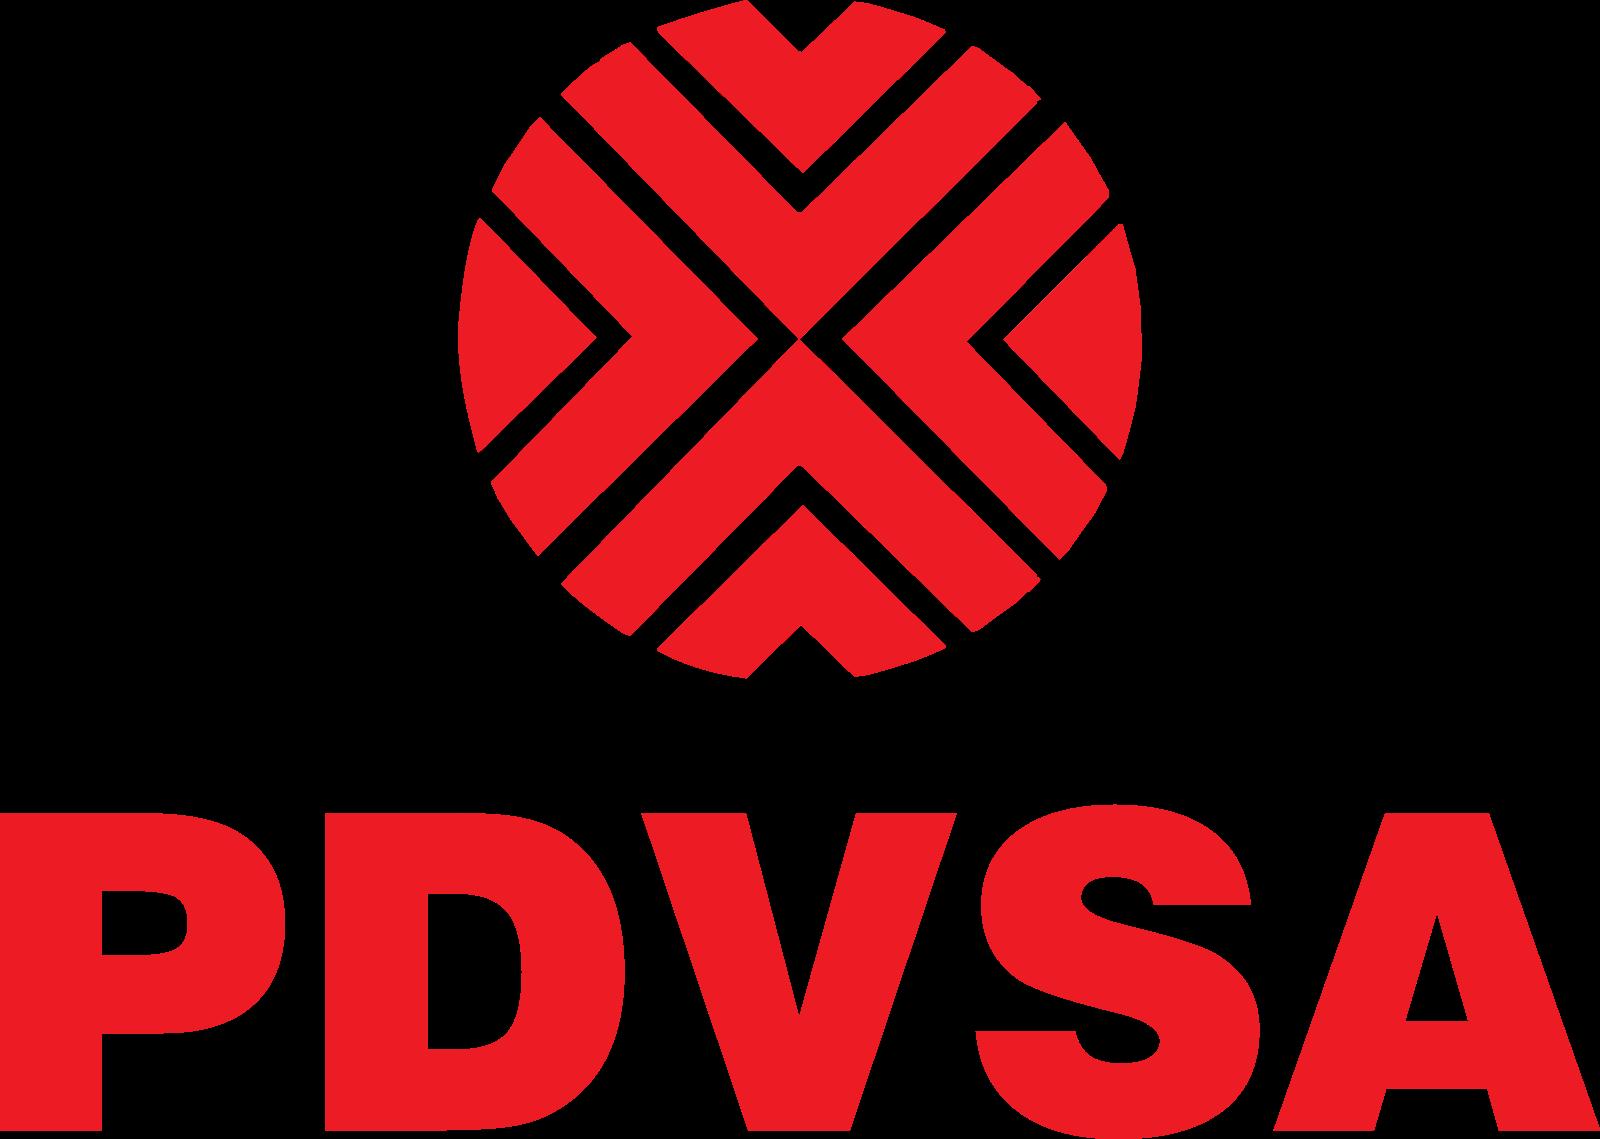 pdvsa-logo-22